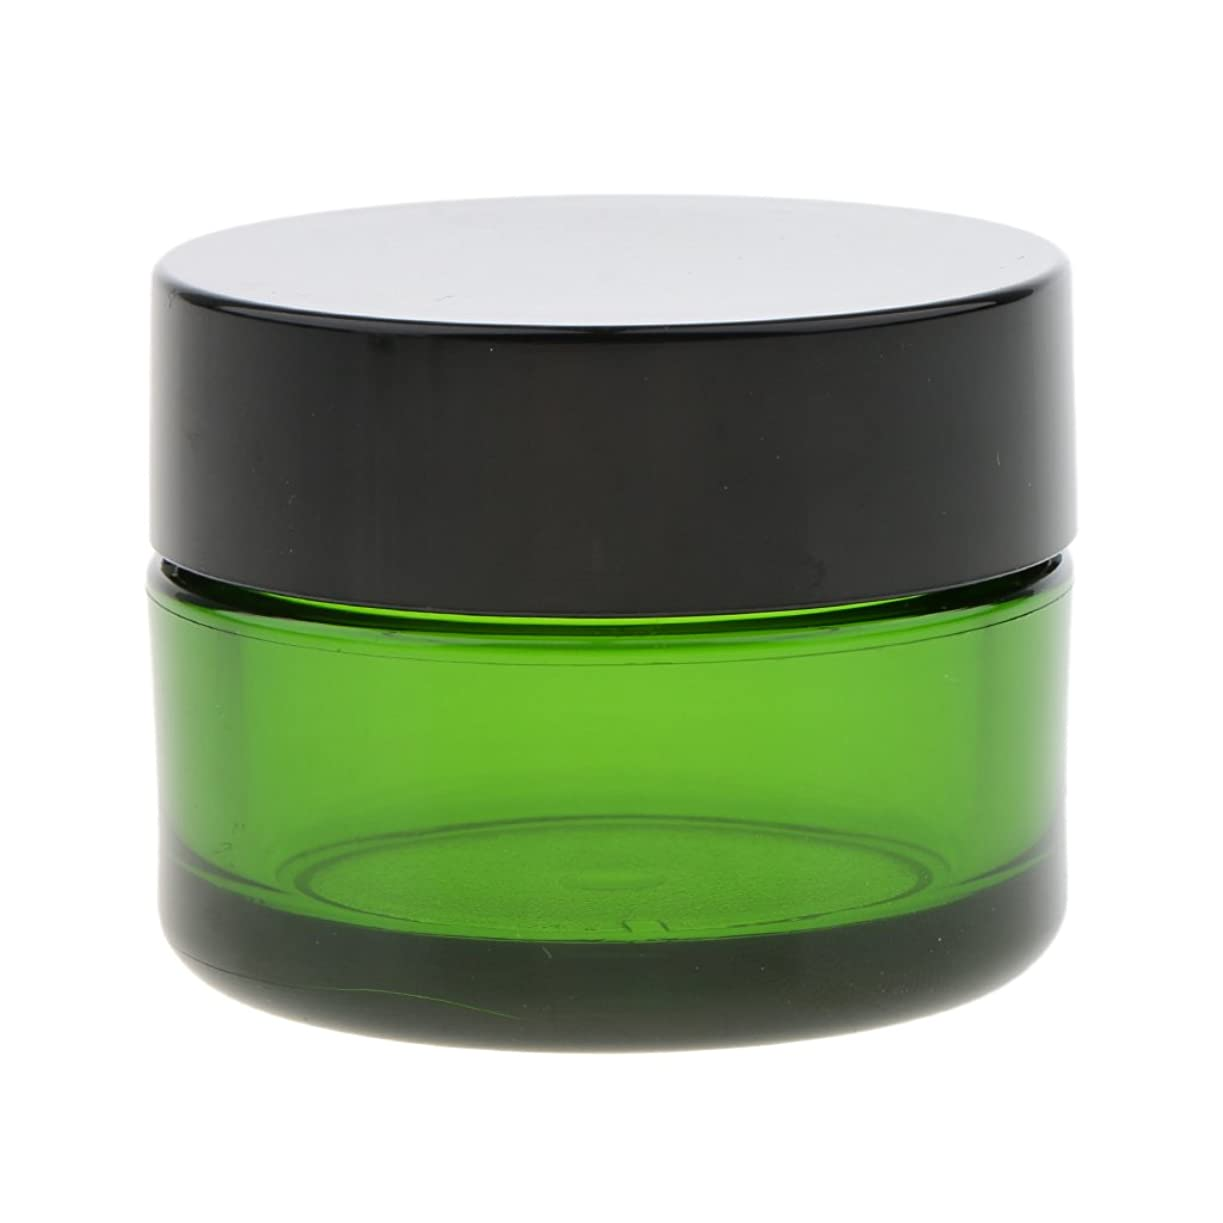 掃く抗生物質顕現Baosity クリーム コスメ 化粧品 ジャー 詰替え ボトル メイクアップ 旅行小物 便利 小分け容器 全3色 - 緑